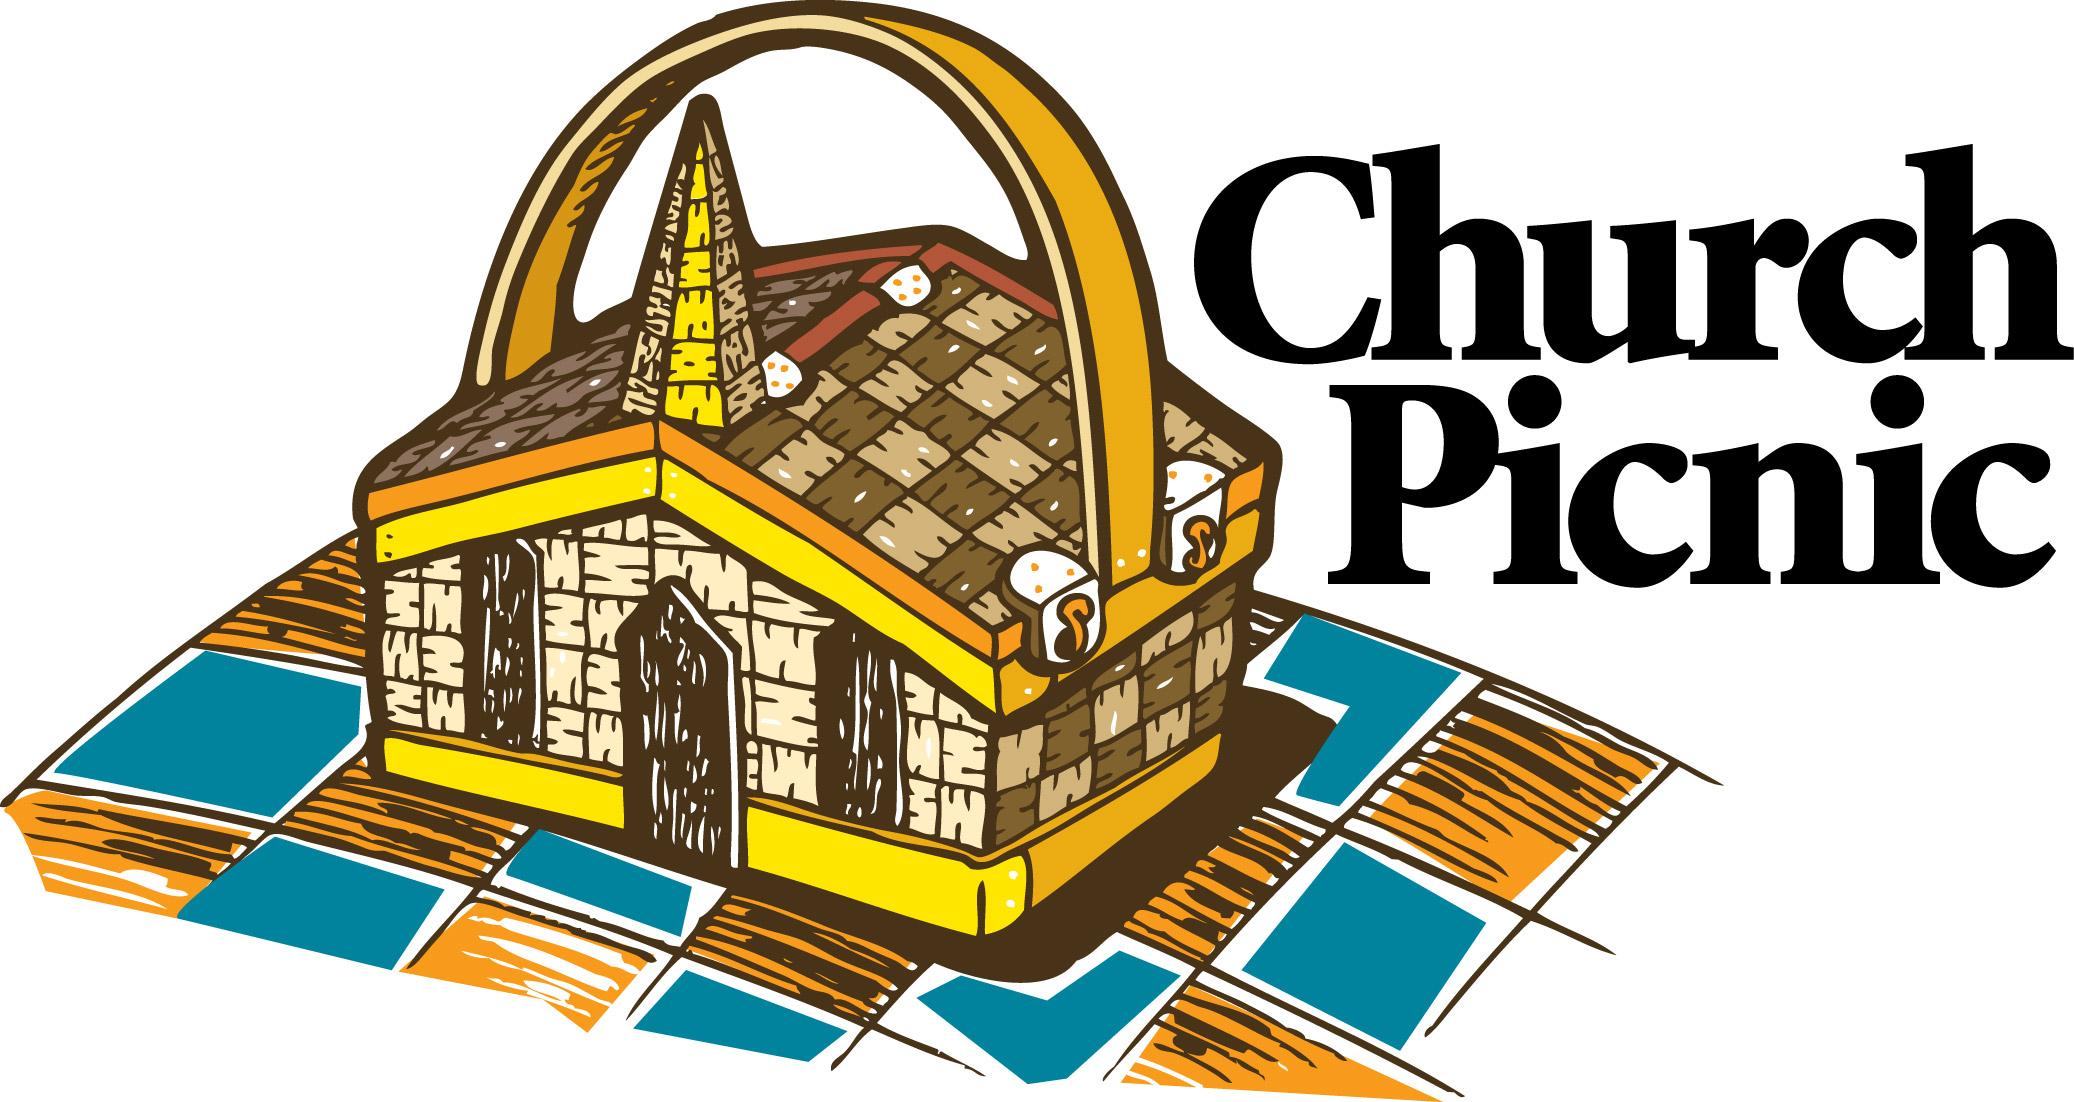 Potluck picnic clipart